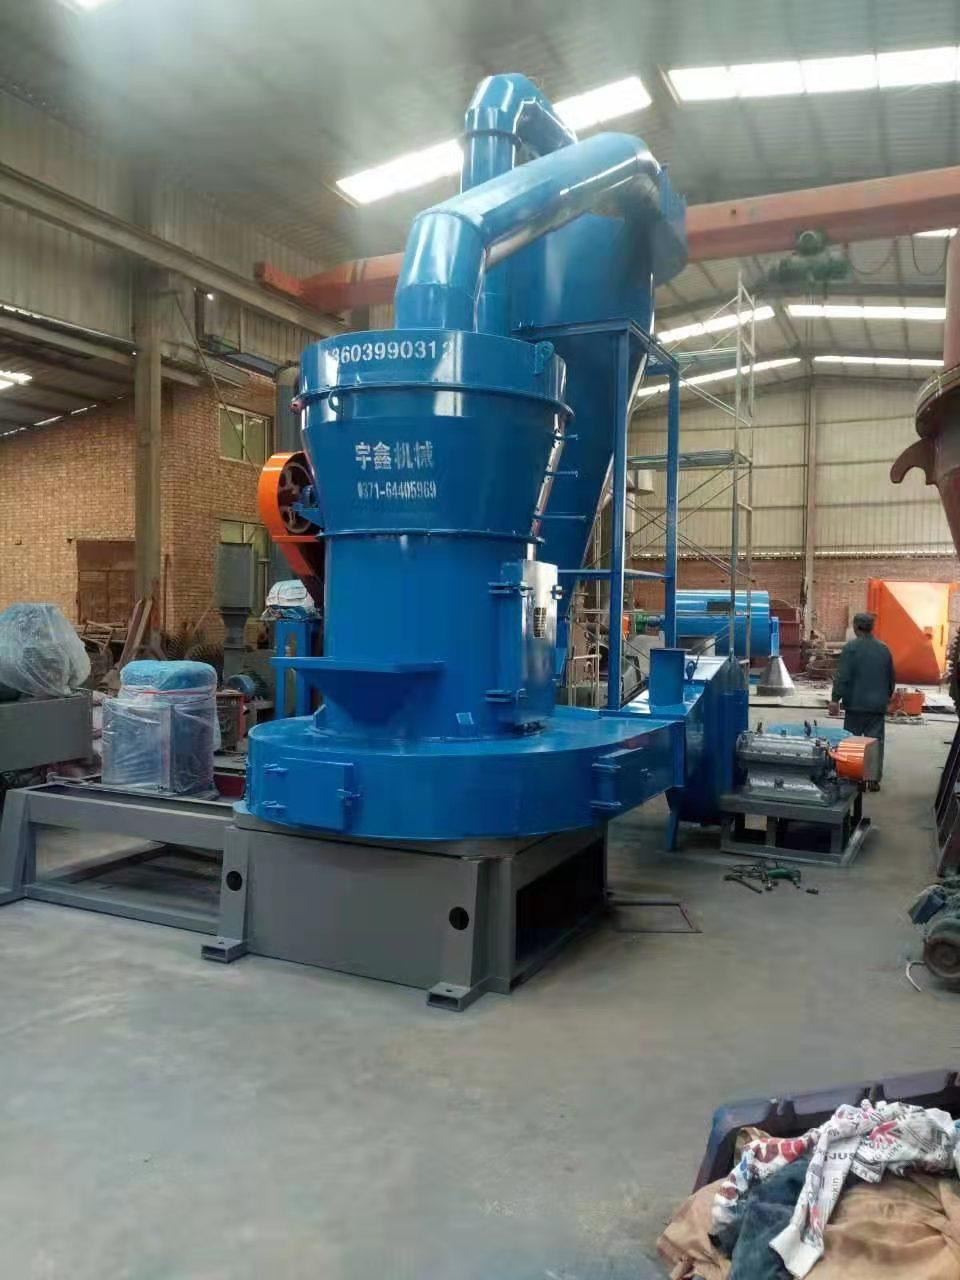 超细磨粉机正确的操作流程和维护保养方法,难倒您了吗